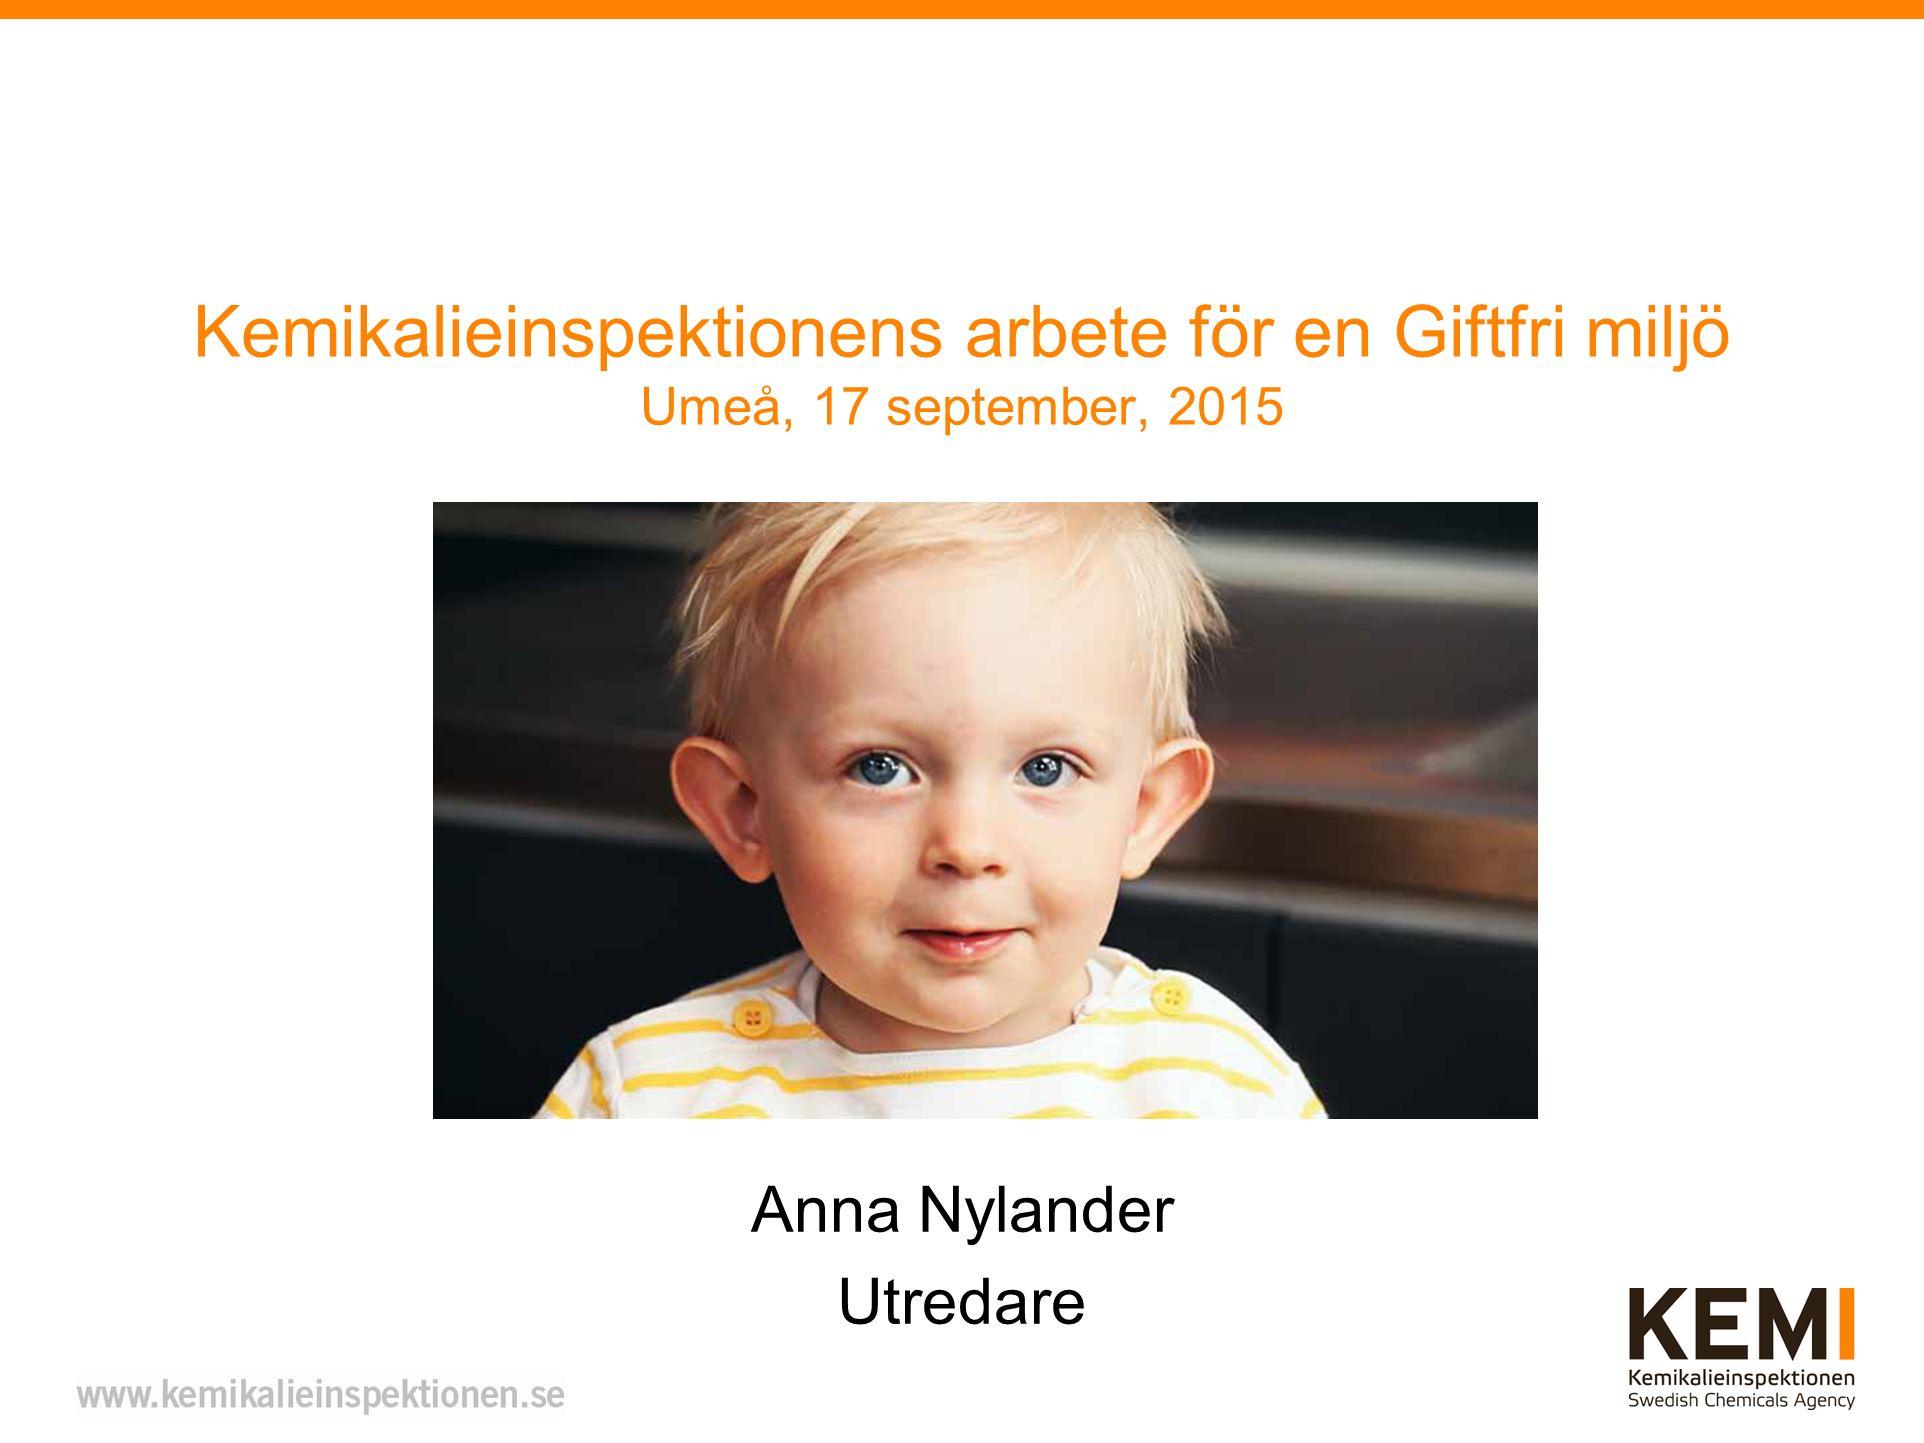 Anna Nylander Utredare